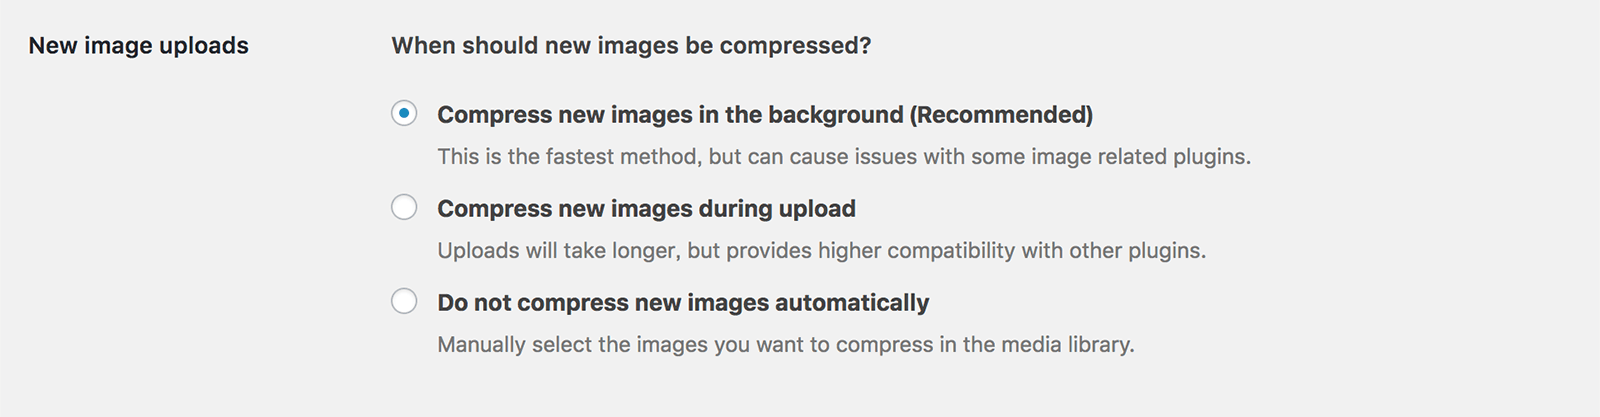 画像の圧縮タイミングを選択できる